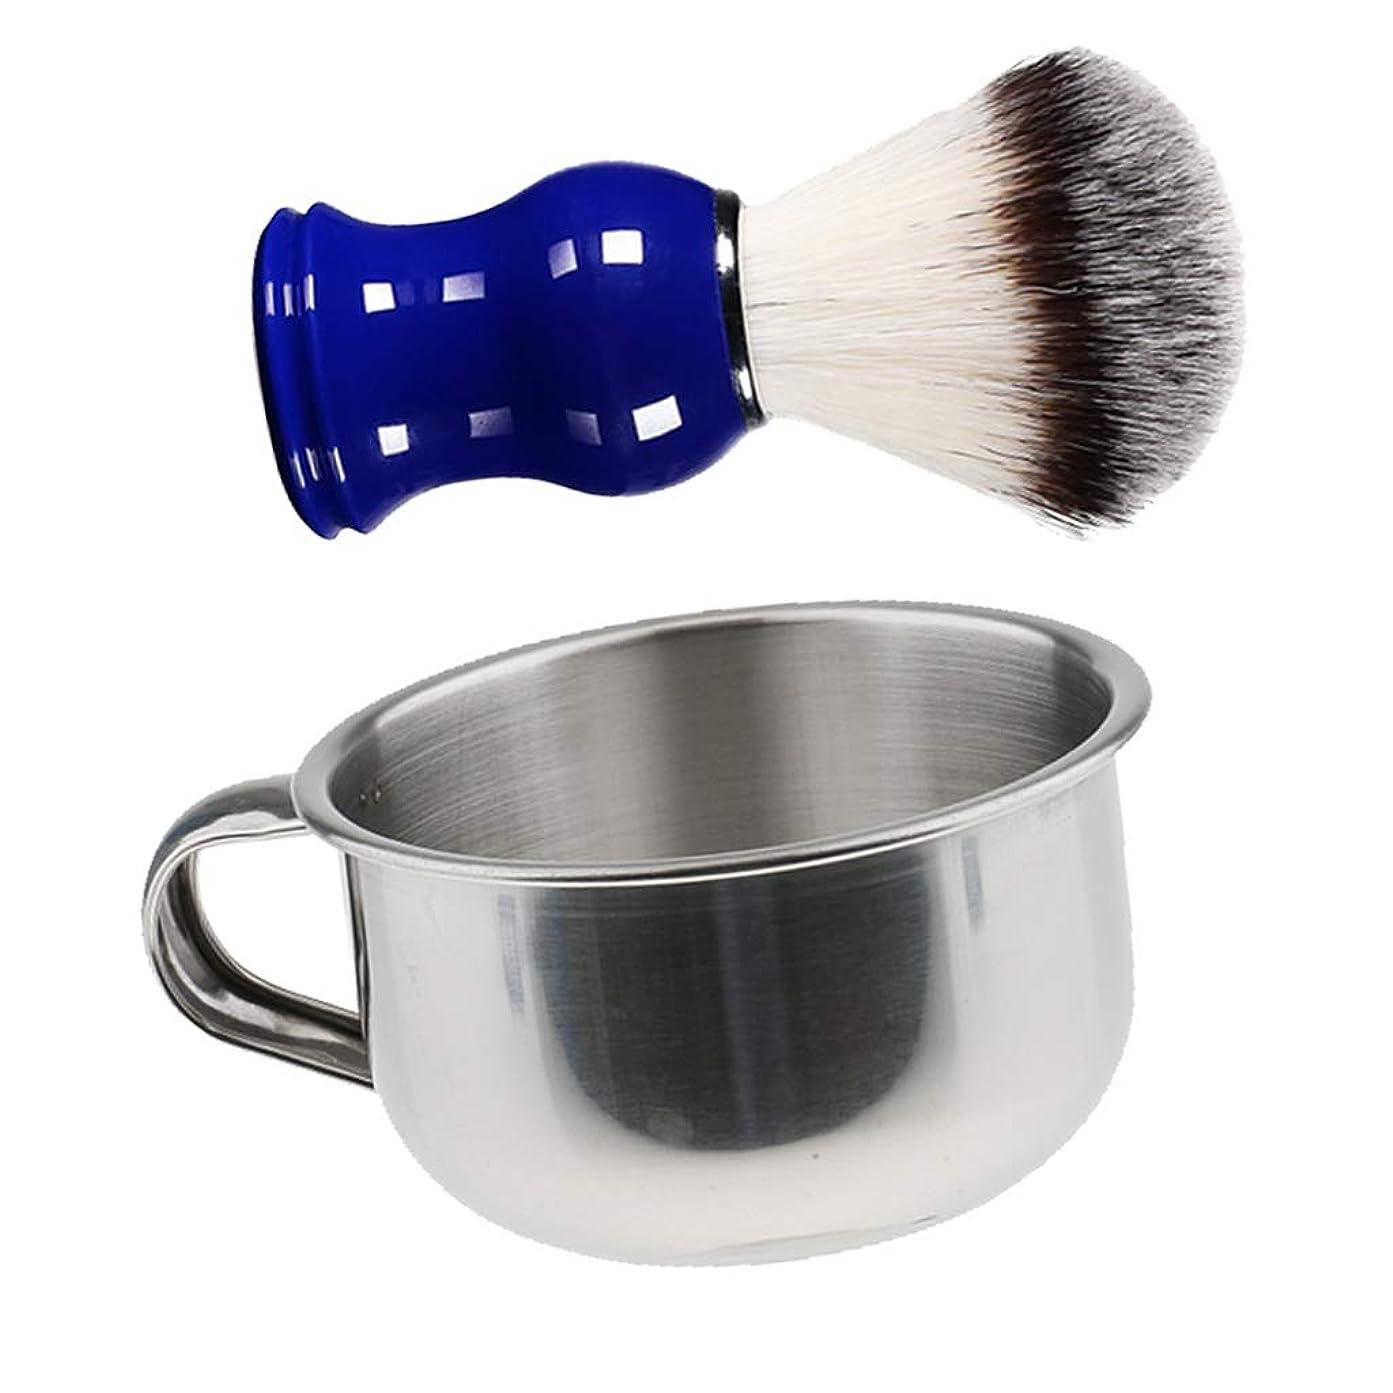 ドラフト傾向本当にBaoblaze シェービングブラシセット ステンレス製シェービングボウル メンズ 理容 洗顔 髭剃り 泡立ち 実用的